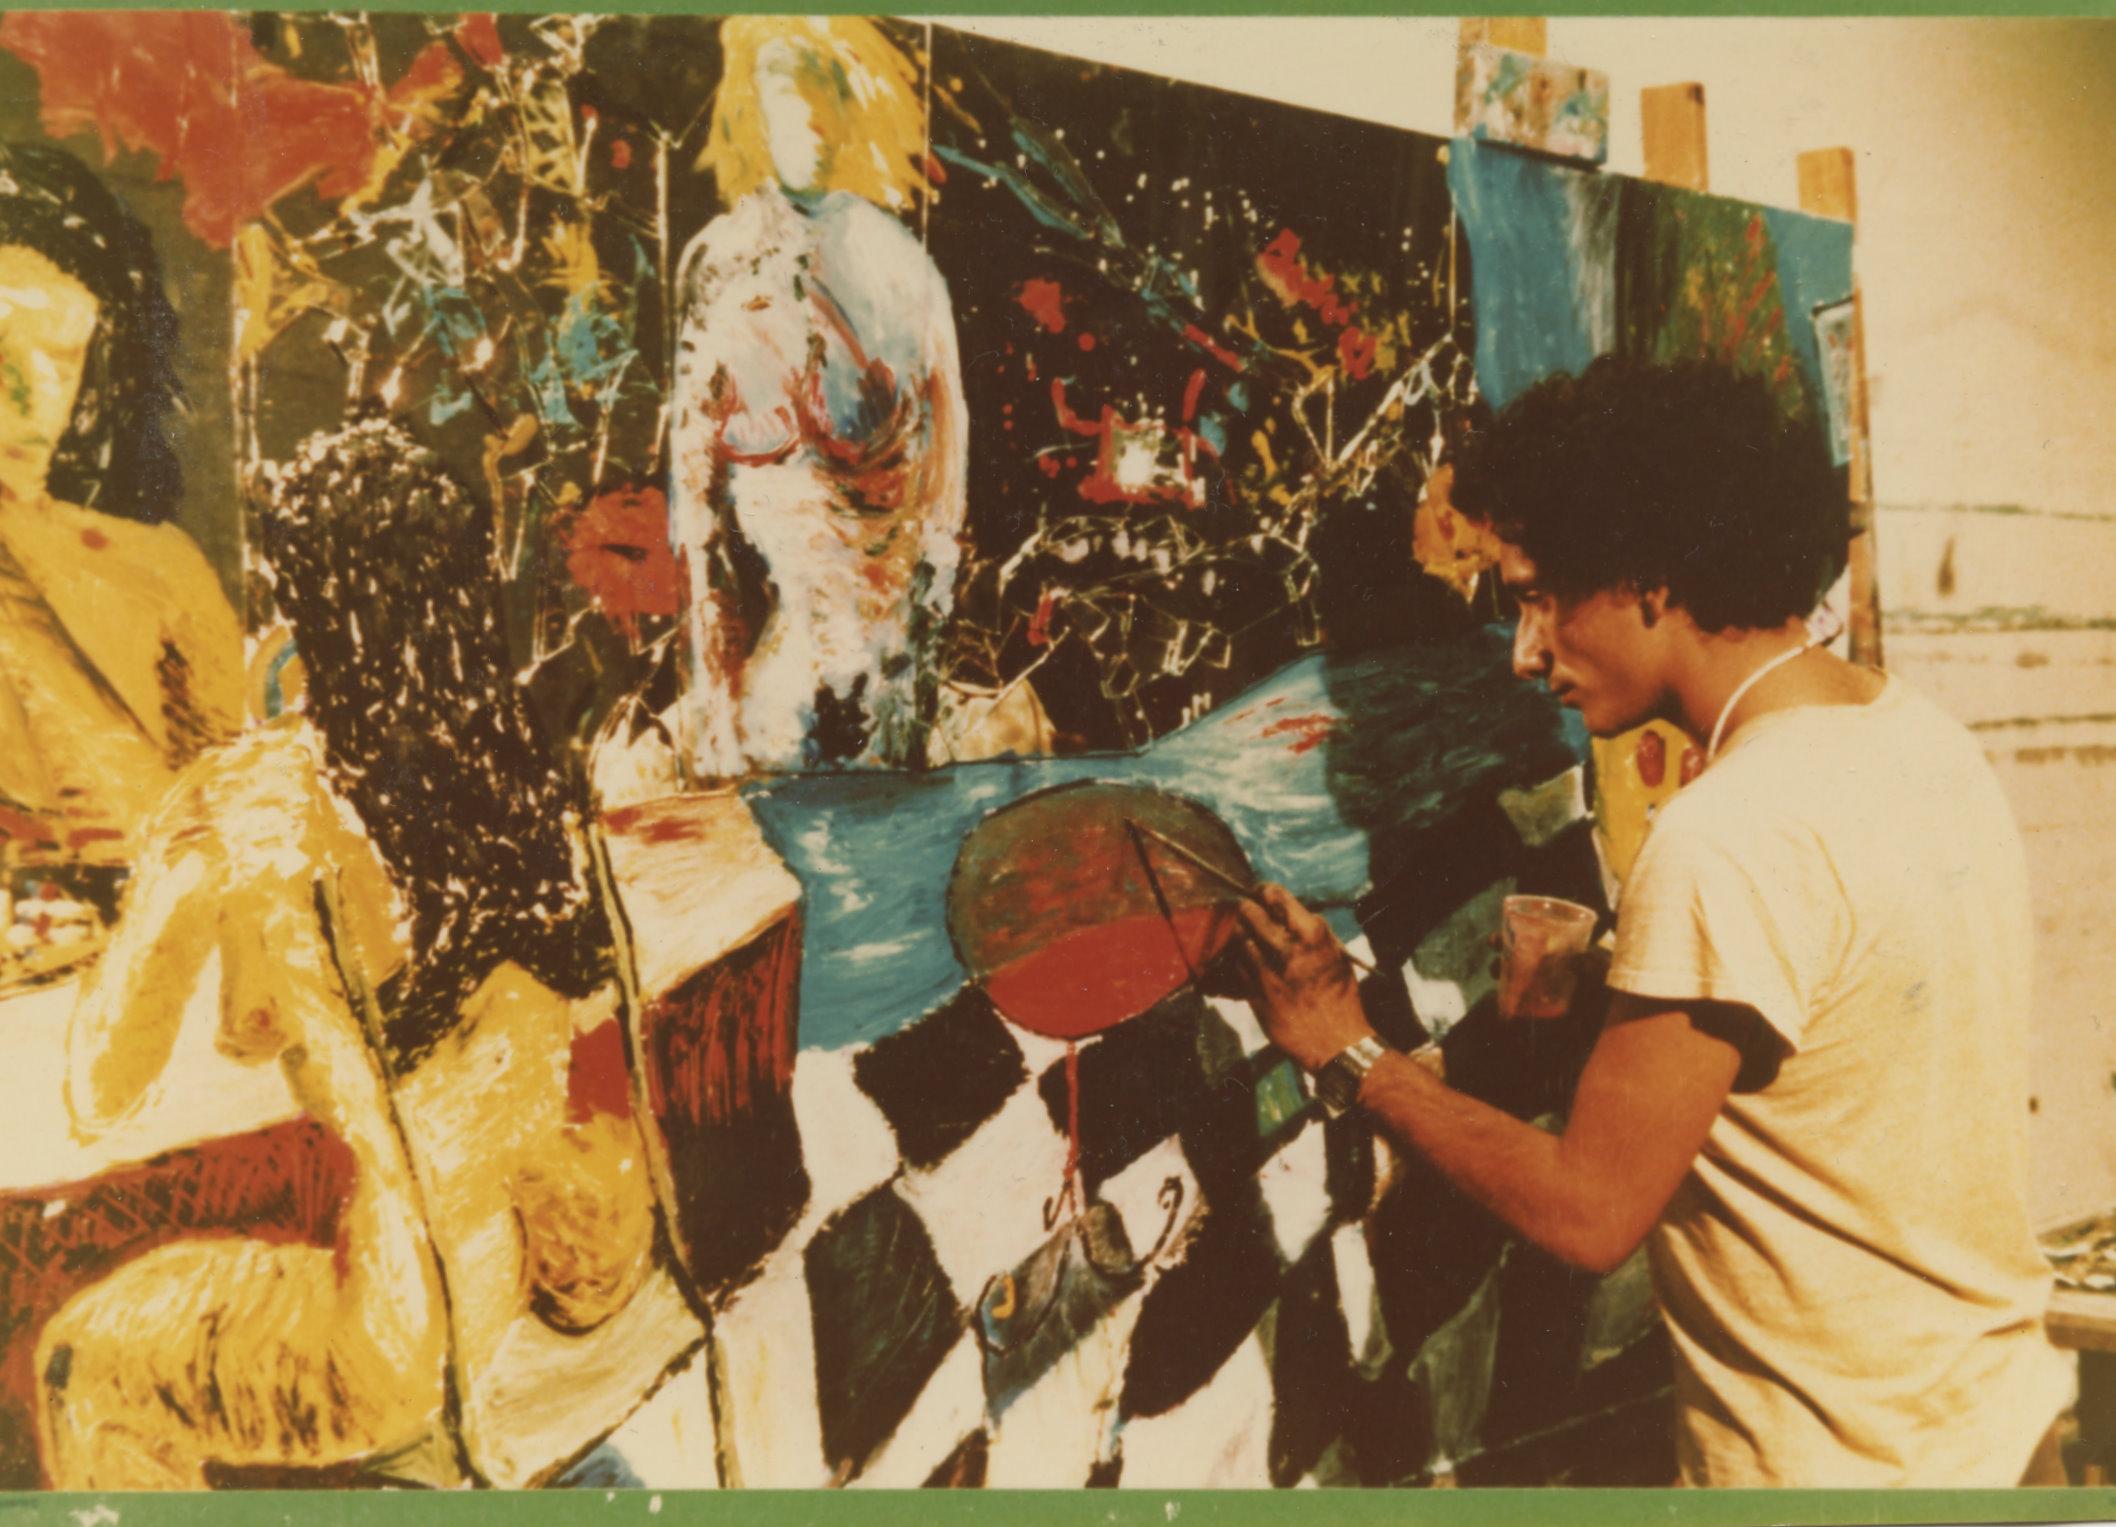 l'immagine mostra l'artista Bedri Baykam intento a dipingere. L'artista si trova nella parte destra della foto mentre il lato opposto è occupato dalla grande tela a cui sta lavorando